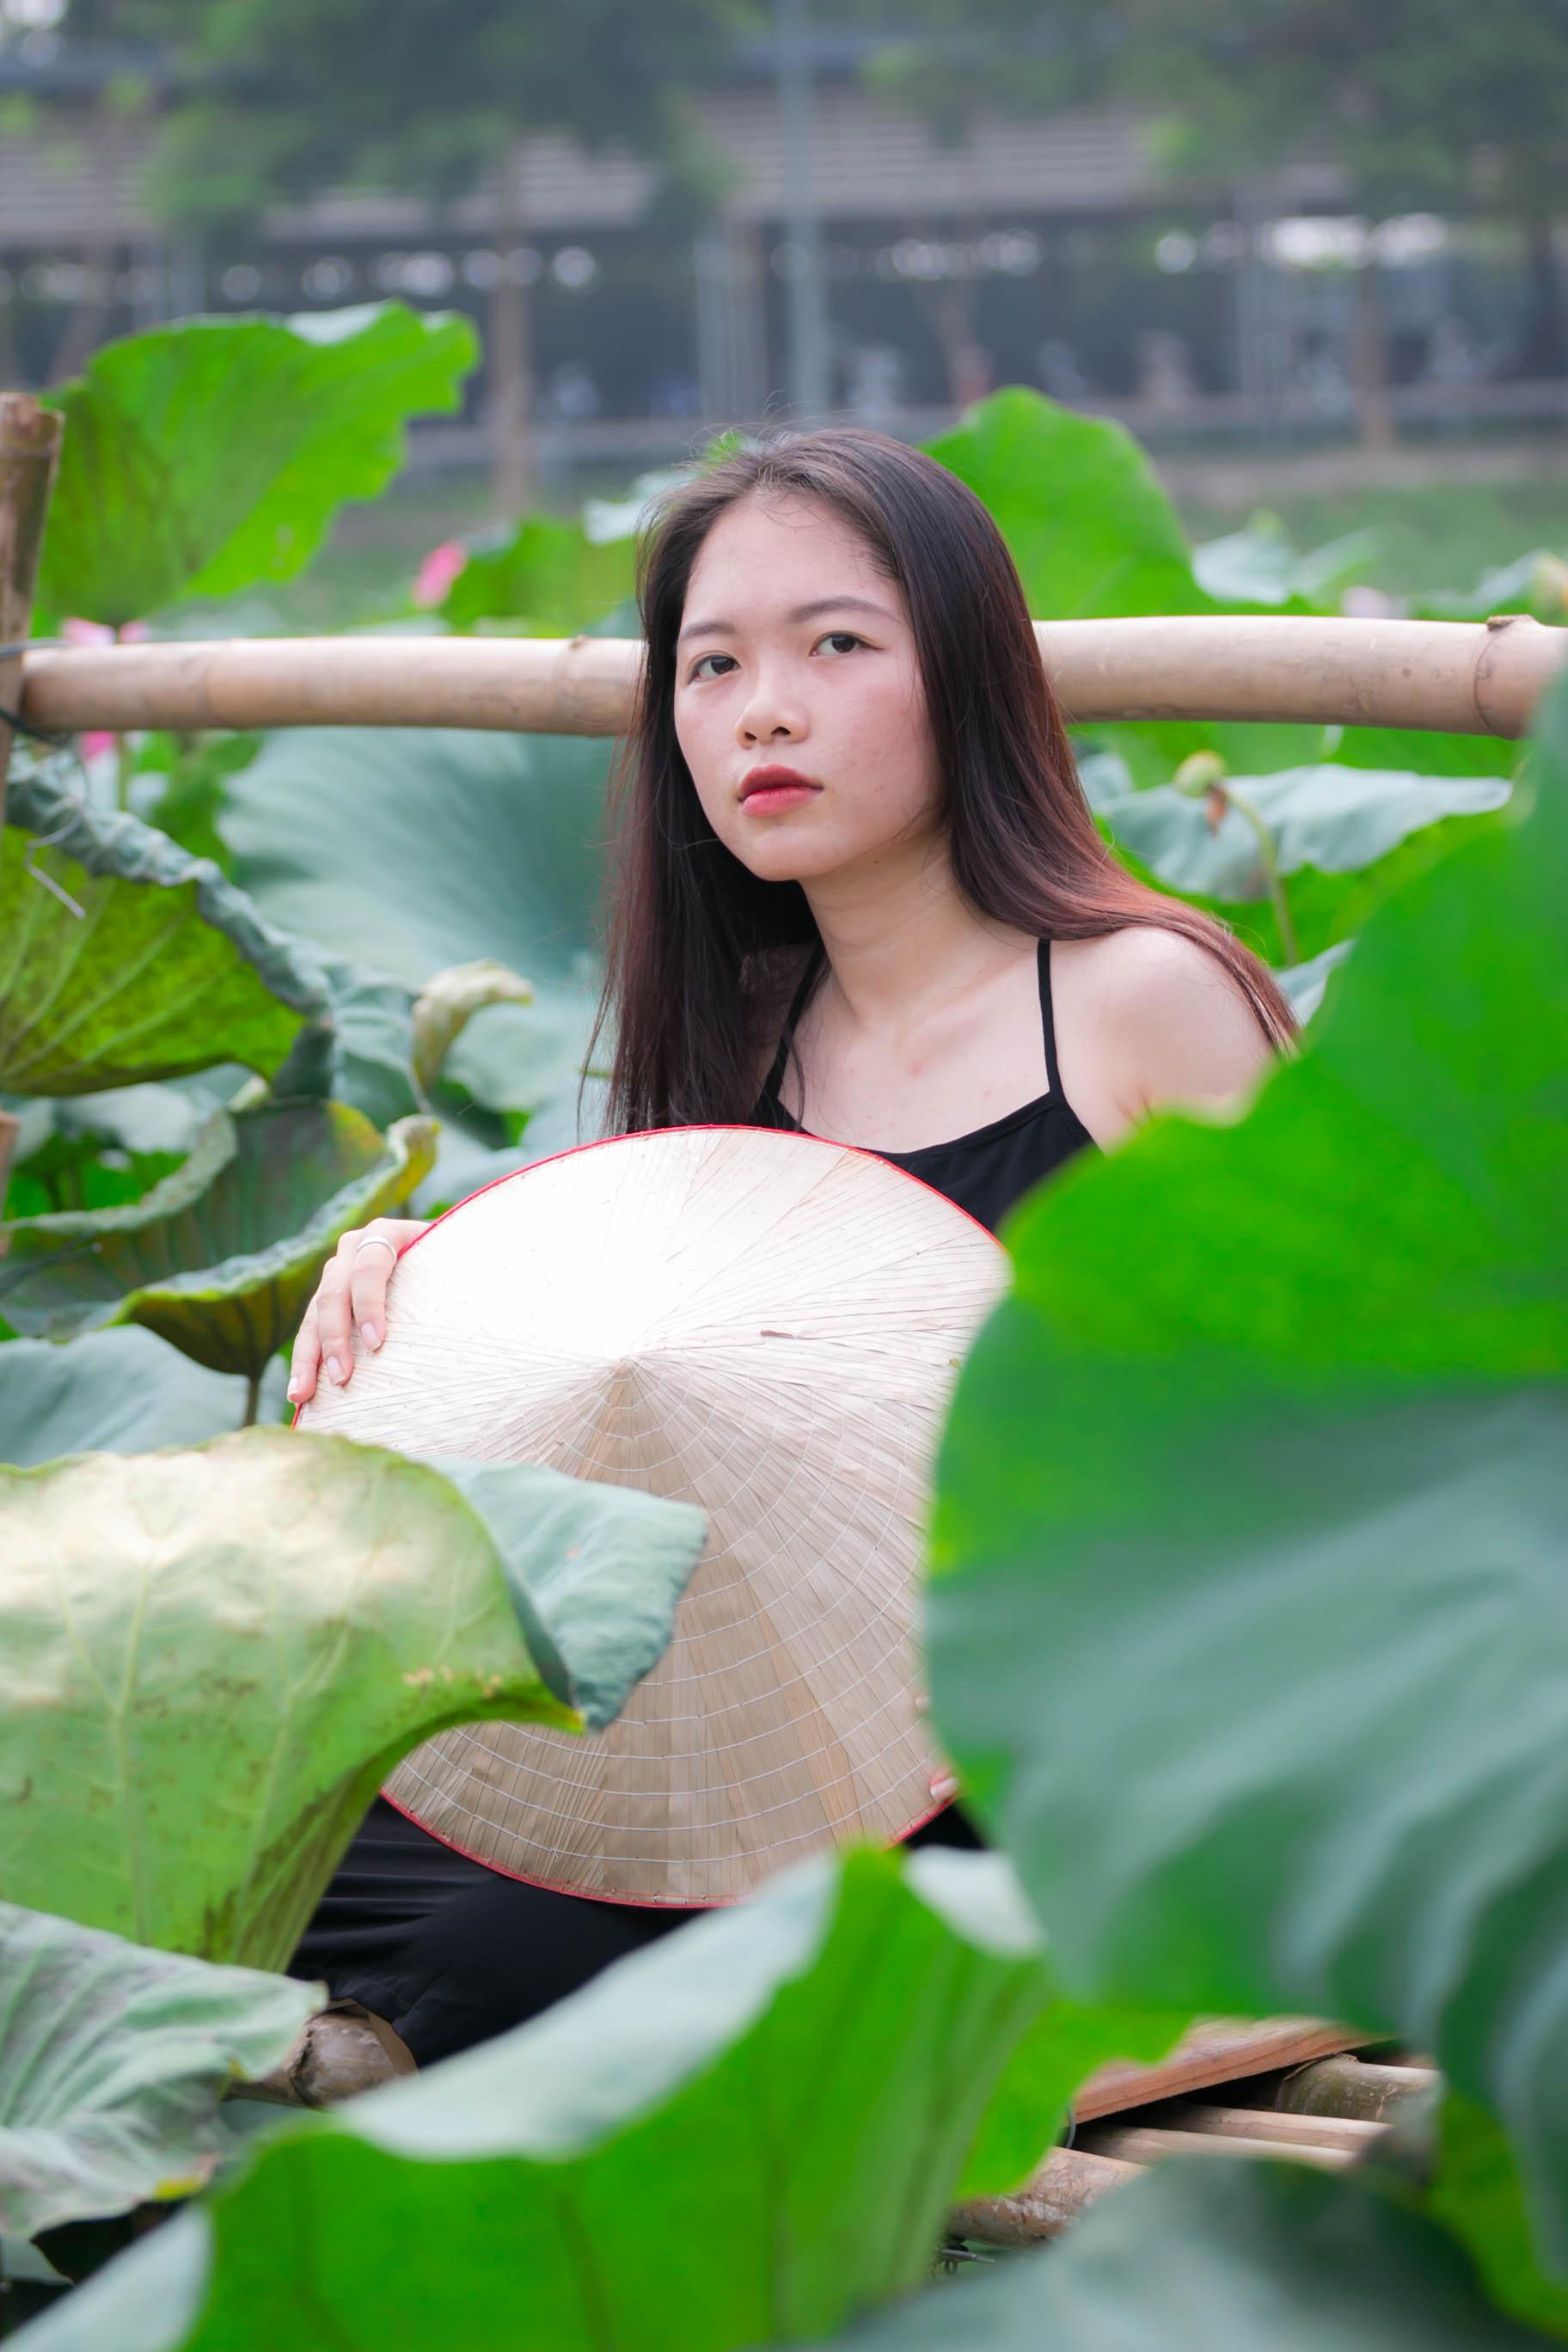 Bóng hồng Mạc Thị Hạ, sinh viên năm cuối ĐH FPT, không thể cưỡng lại được vẻ đẹp và mùi hương thơm dịu nhẹ của hoa sen, có mặt từ sớm lưu lại những hình đẹp nhất. Hạ cho biết hiếm trường đại học nào ở Việt Nam có không gian xanh và rộng thoáng như ĐH FPT.